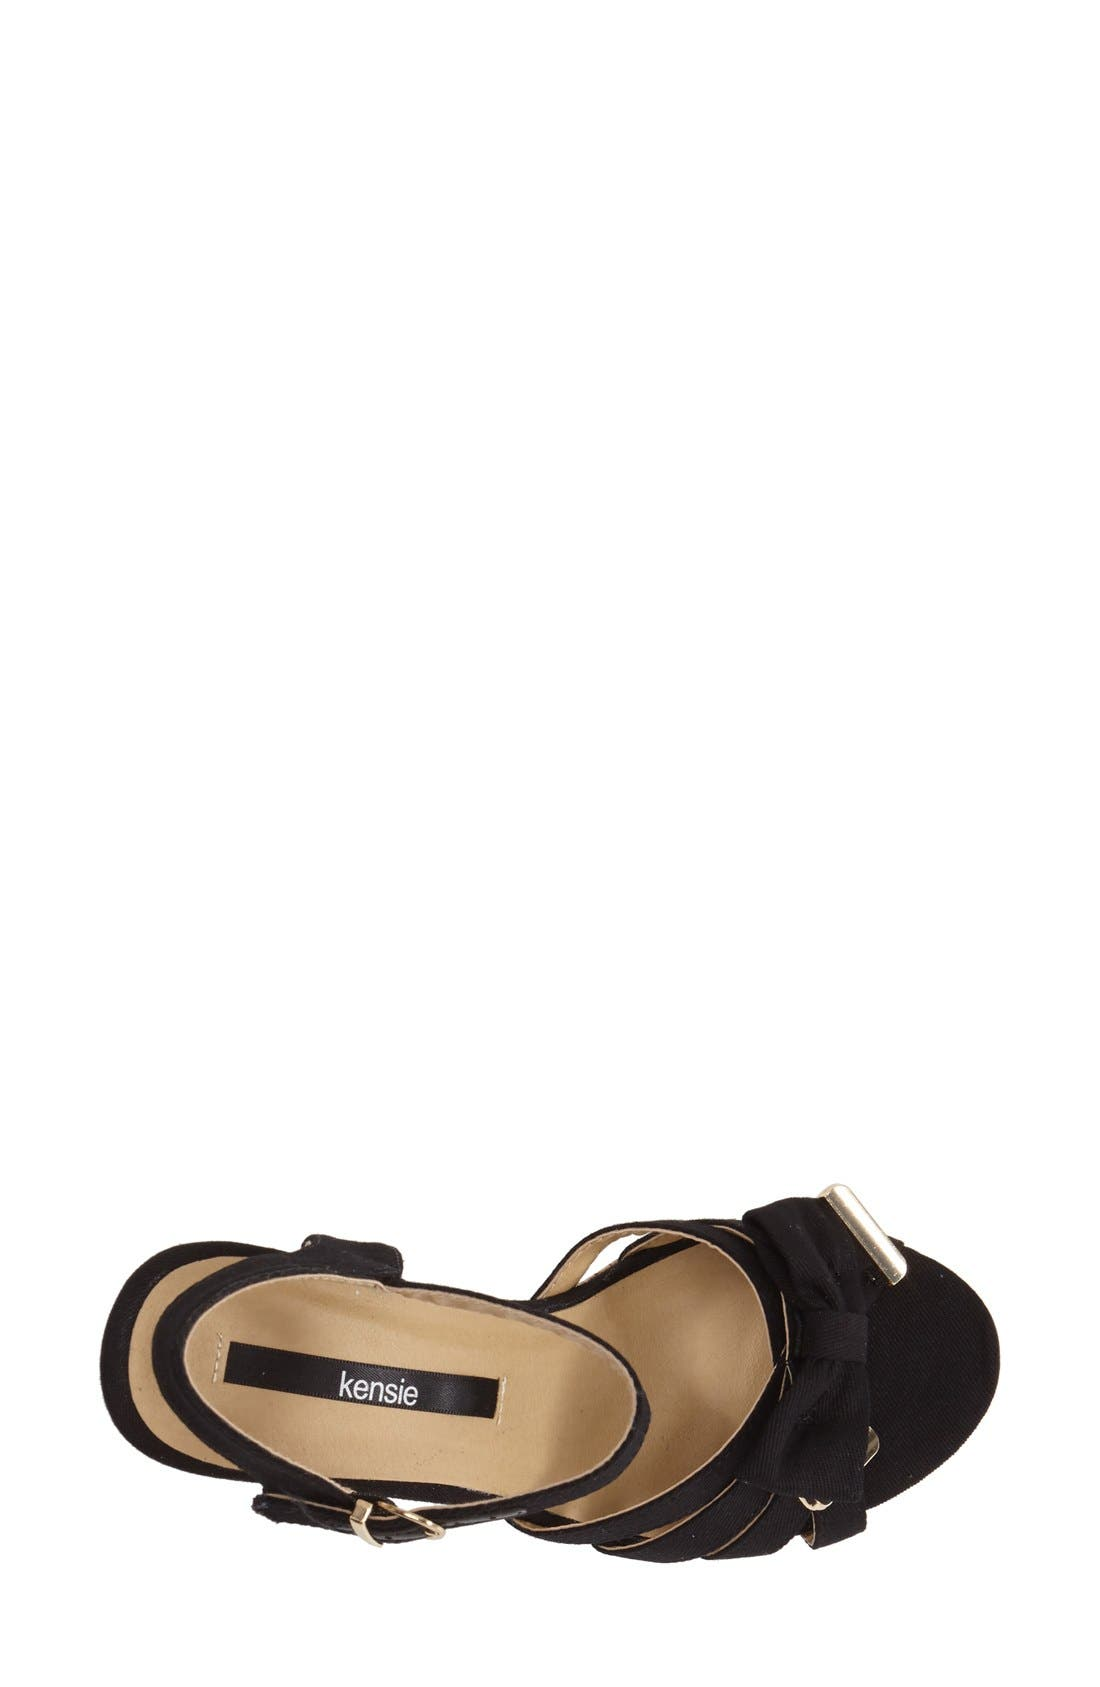 Alternate Image 3  - kensie 'Rayna' Wedge Sandal (Women)